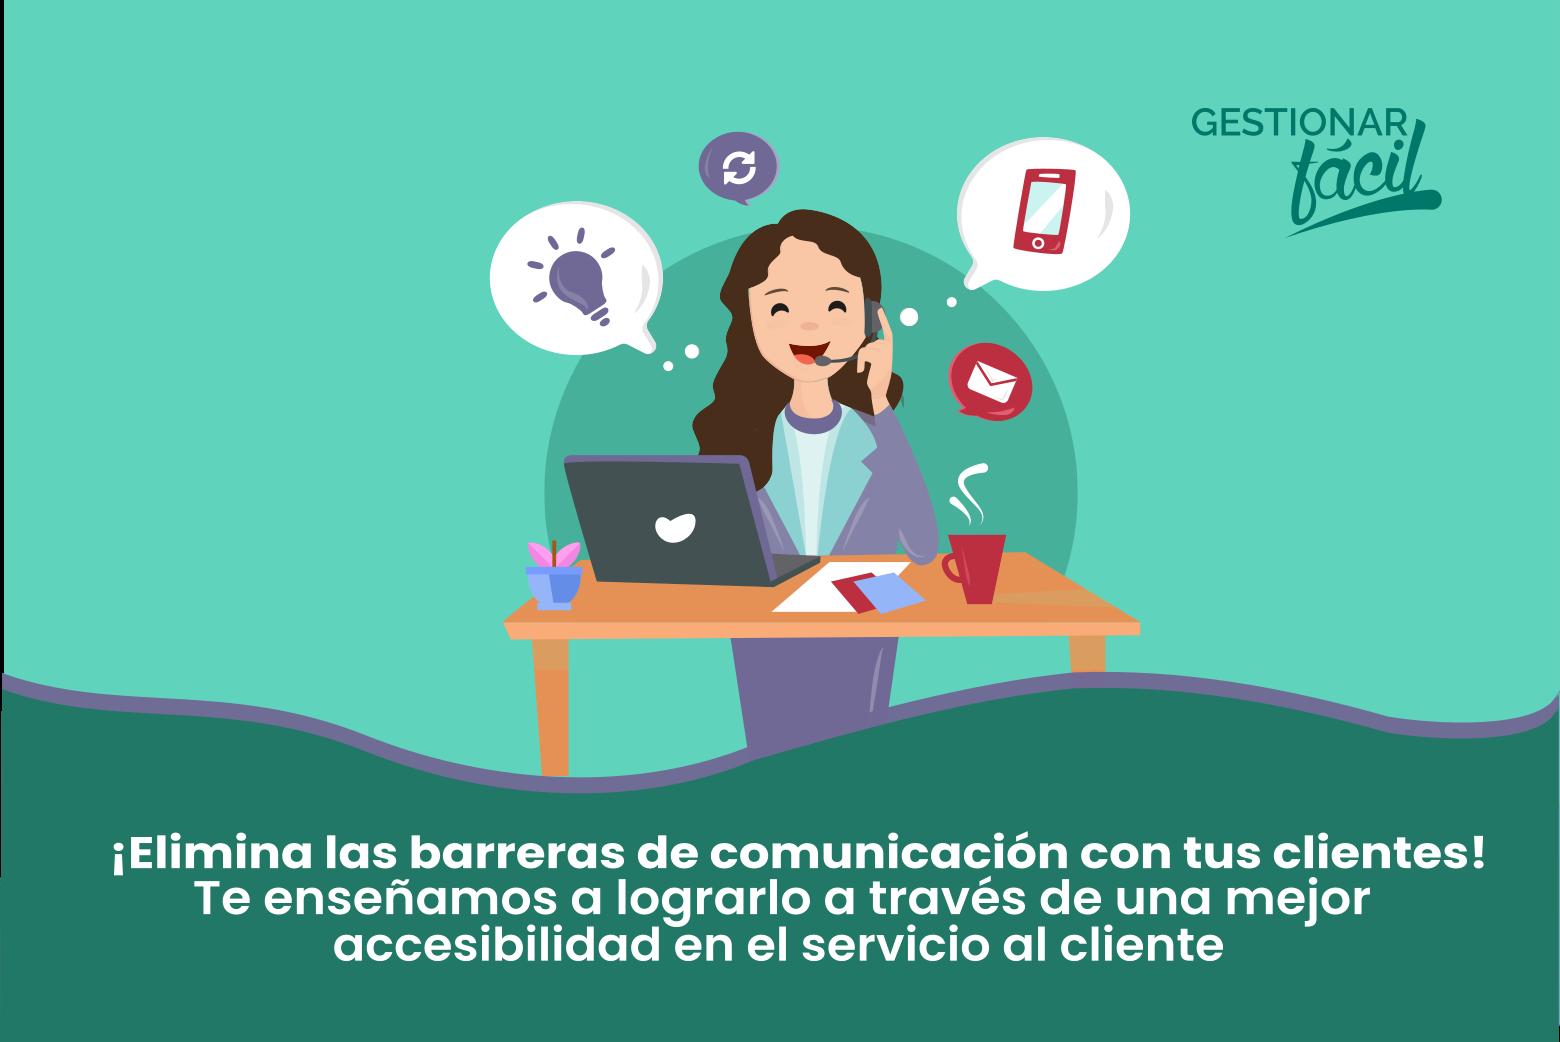 ¿Qué es la accesibilidad en el servicio al cliente?